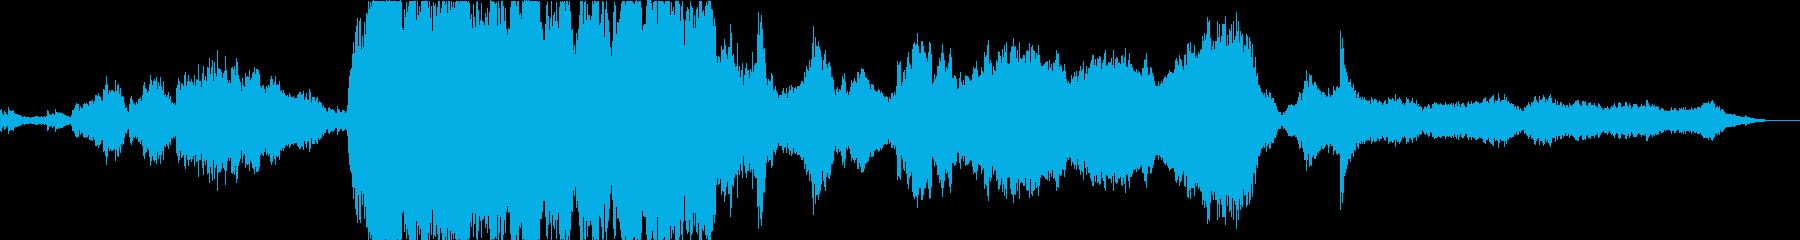 王道的な映画音楽オーケストラの再生済みの波形